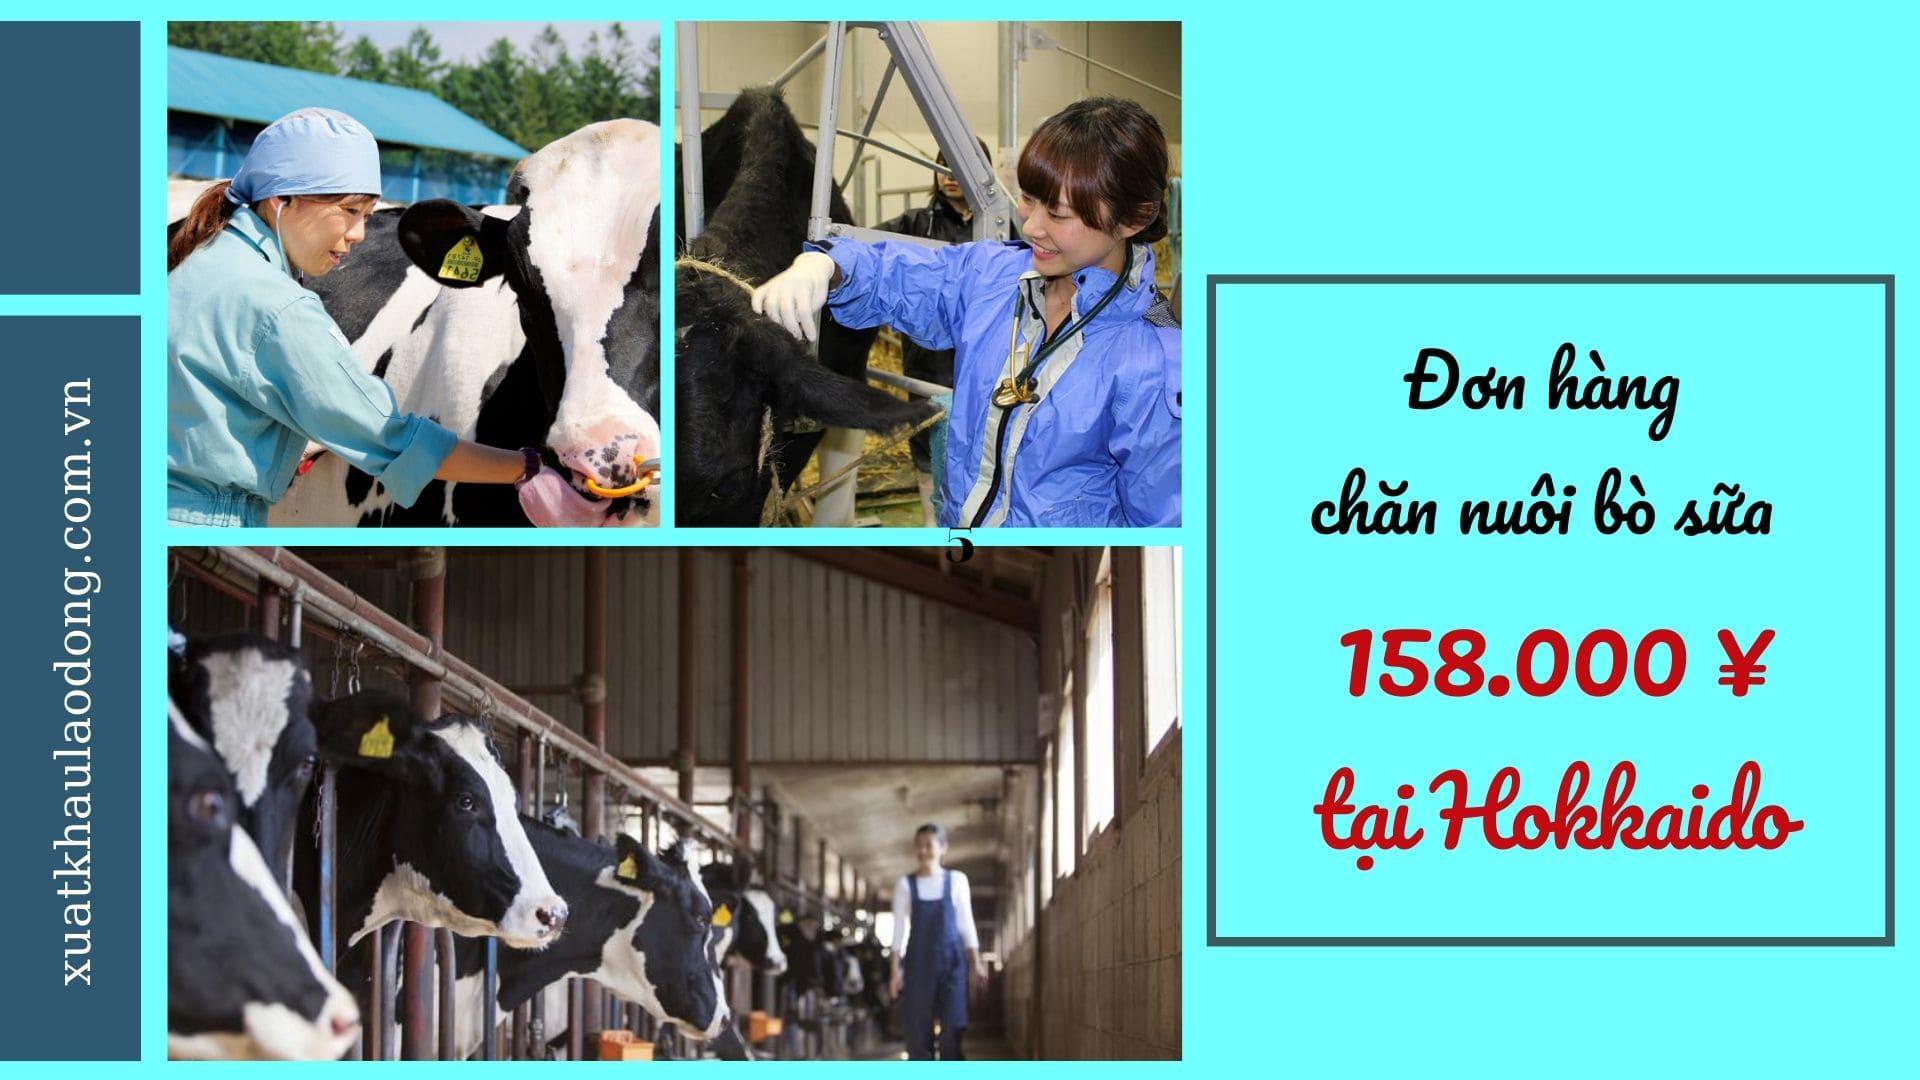 Đơn hàng chăn nuôi bò sữa tại Hokkaido sữa LƯƠNG SIÊU CAO, tuyển gấp 01/2020